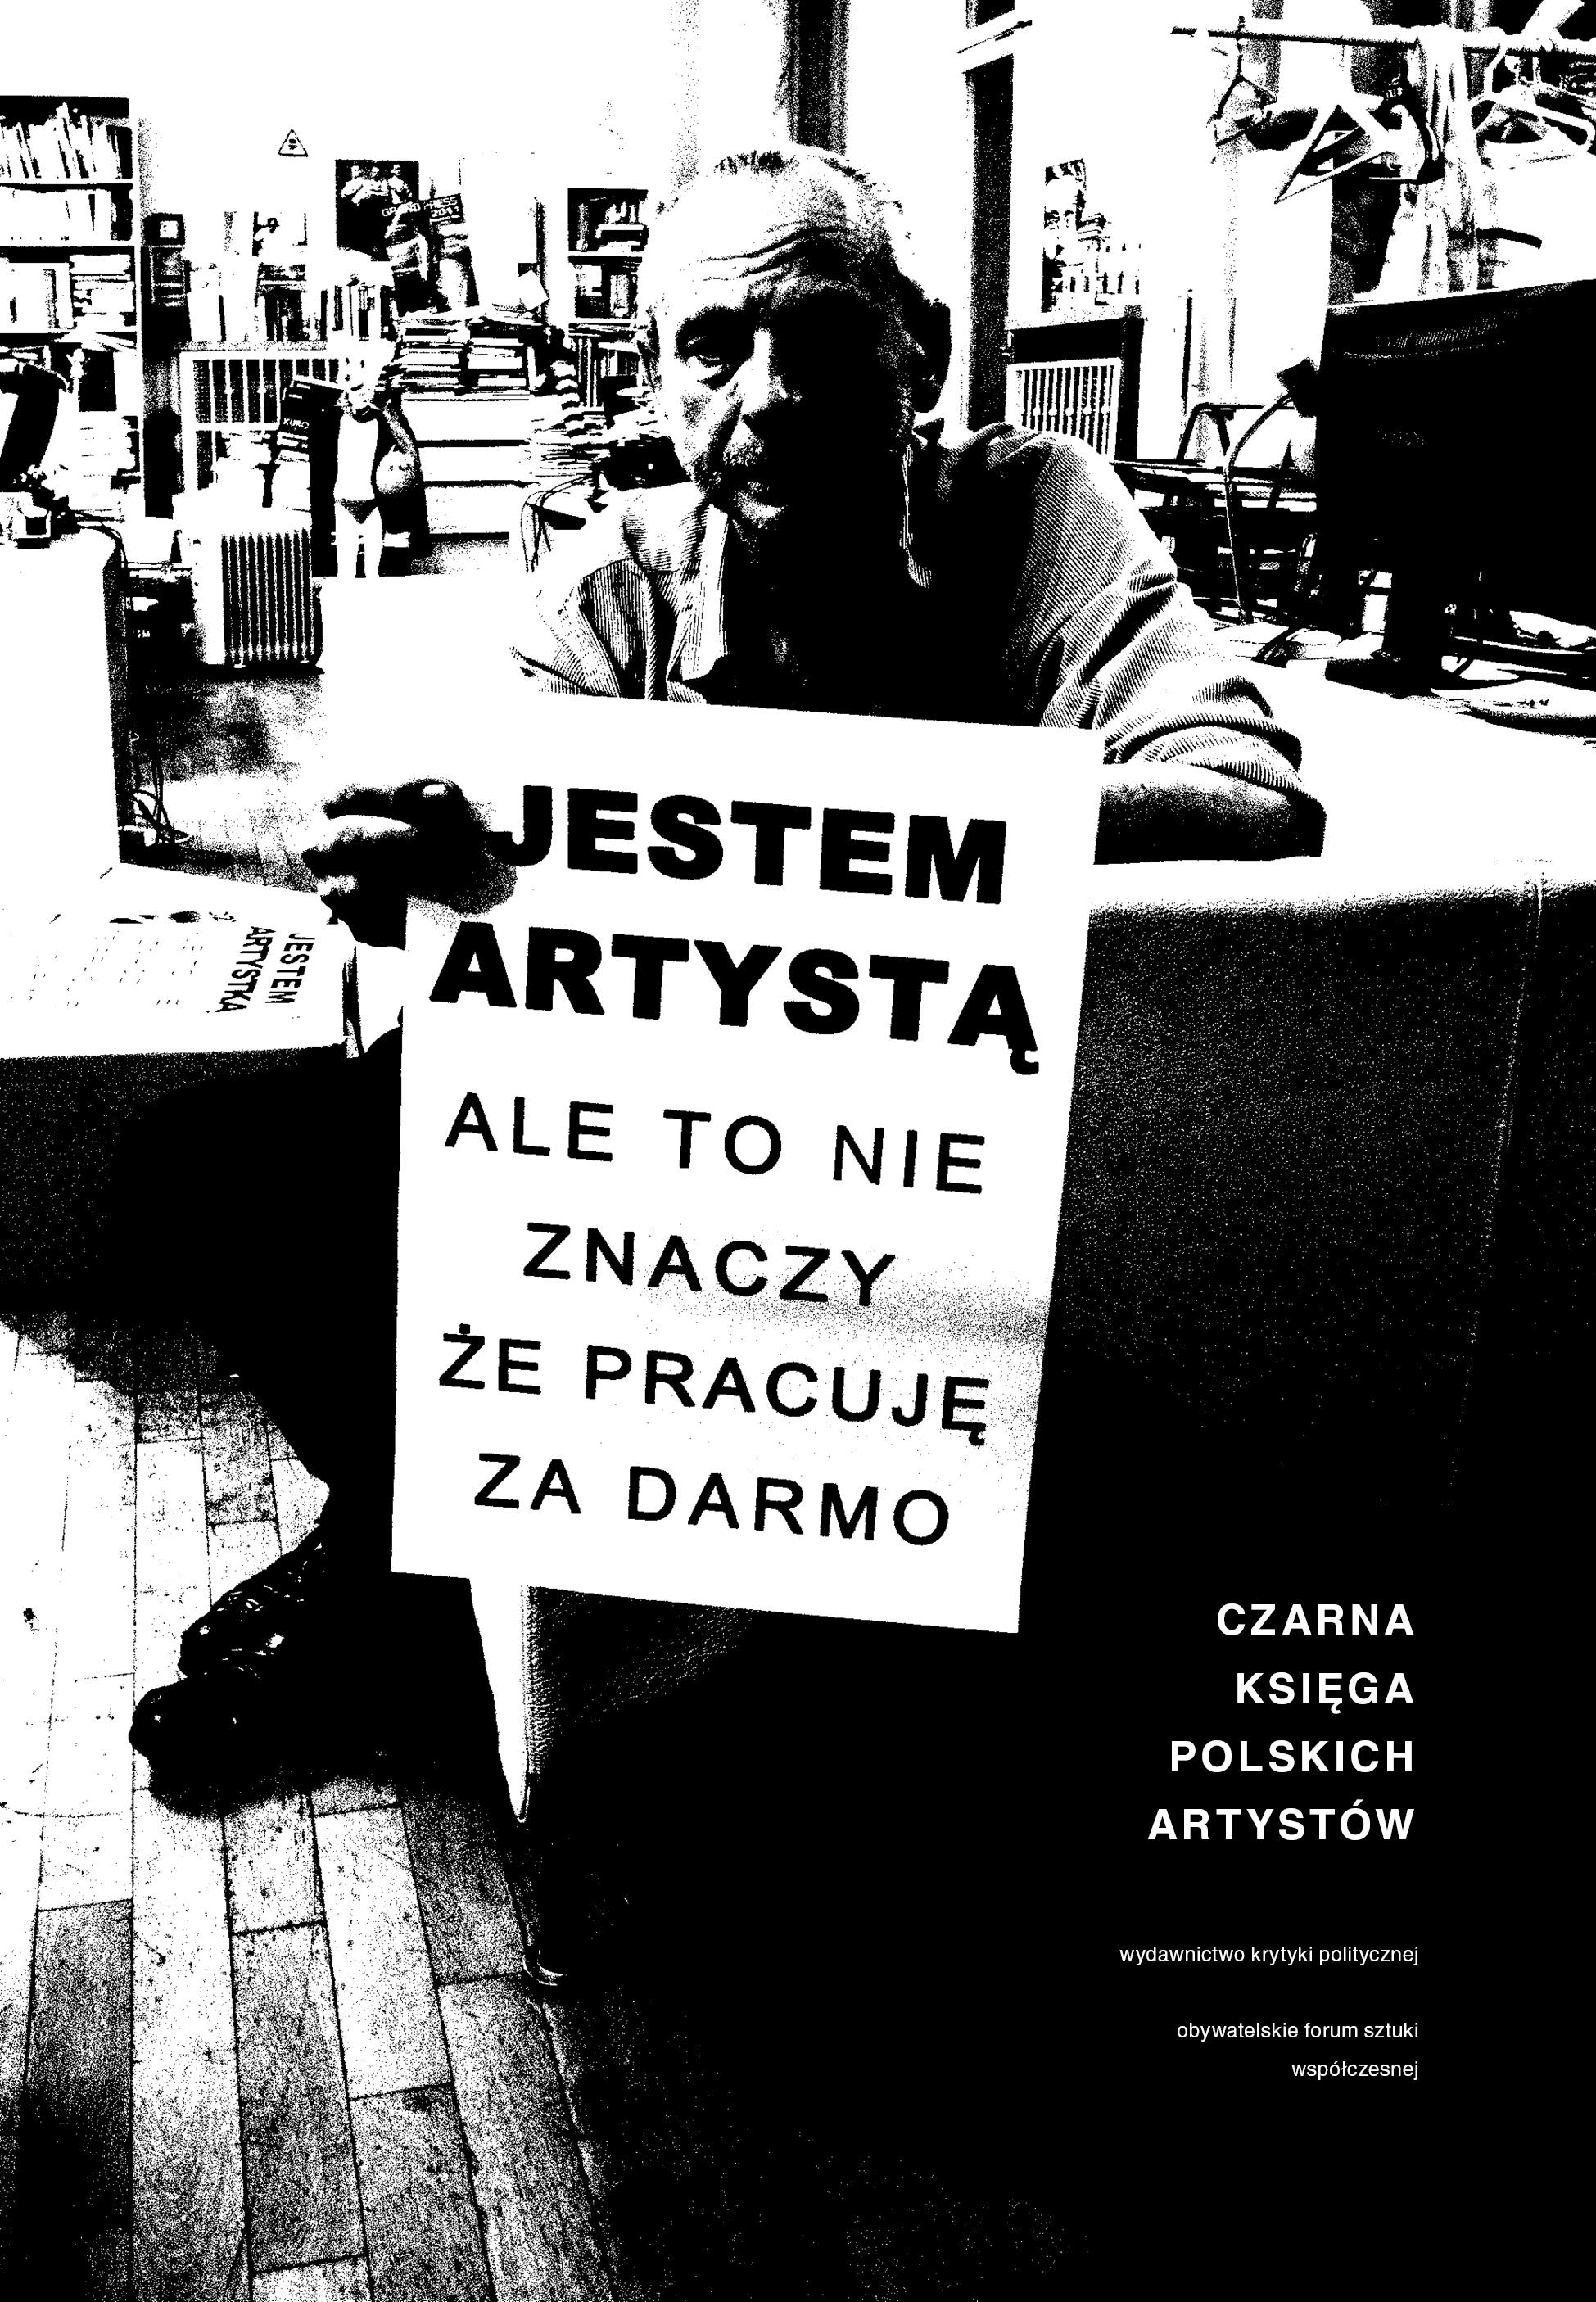 Czarna księga polskich artystów, projekt okładki Katarzyna Błahuta